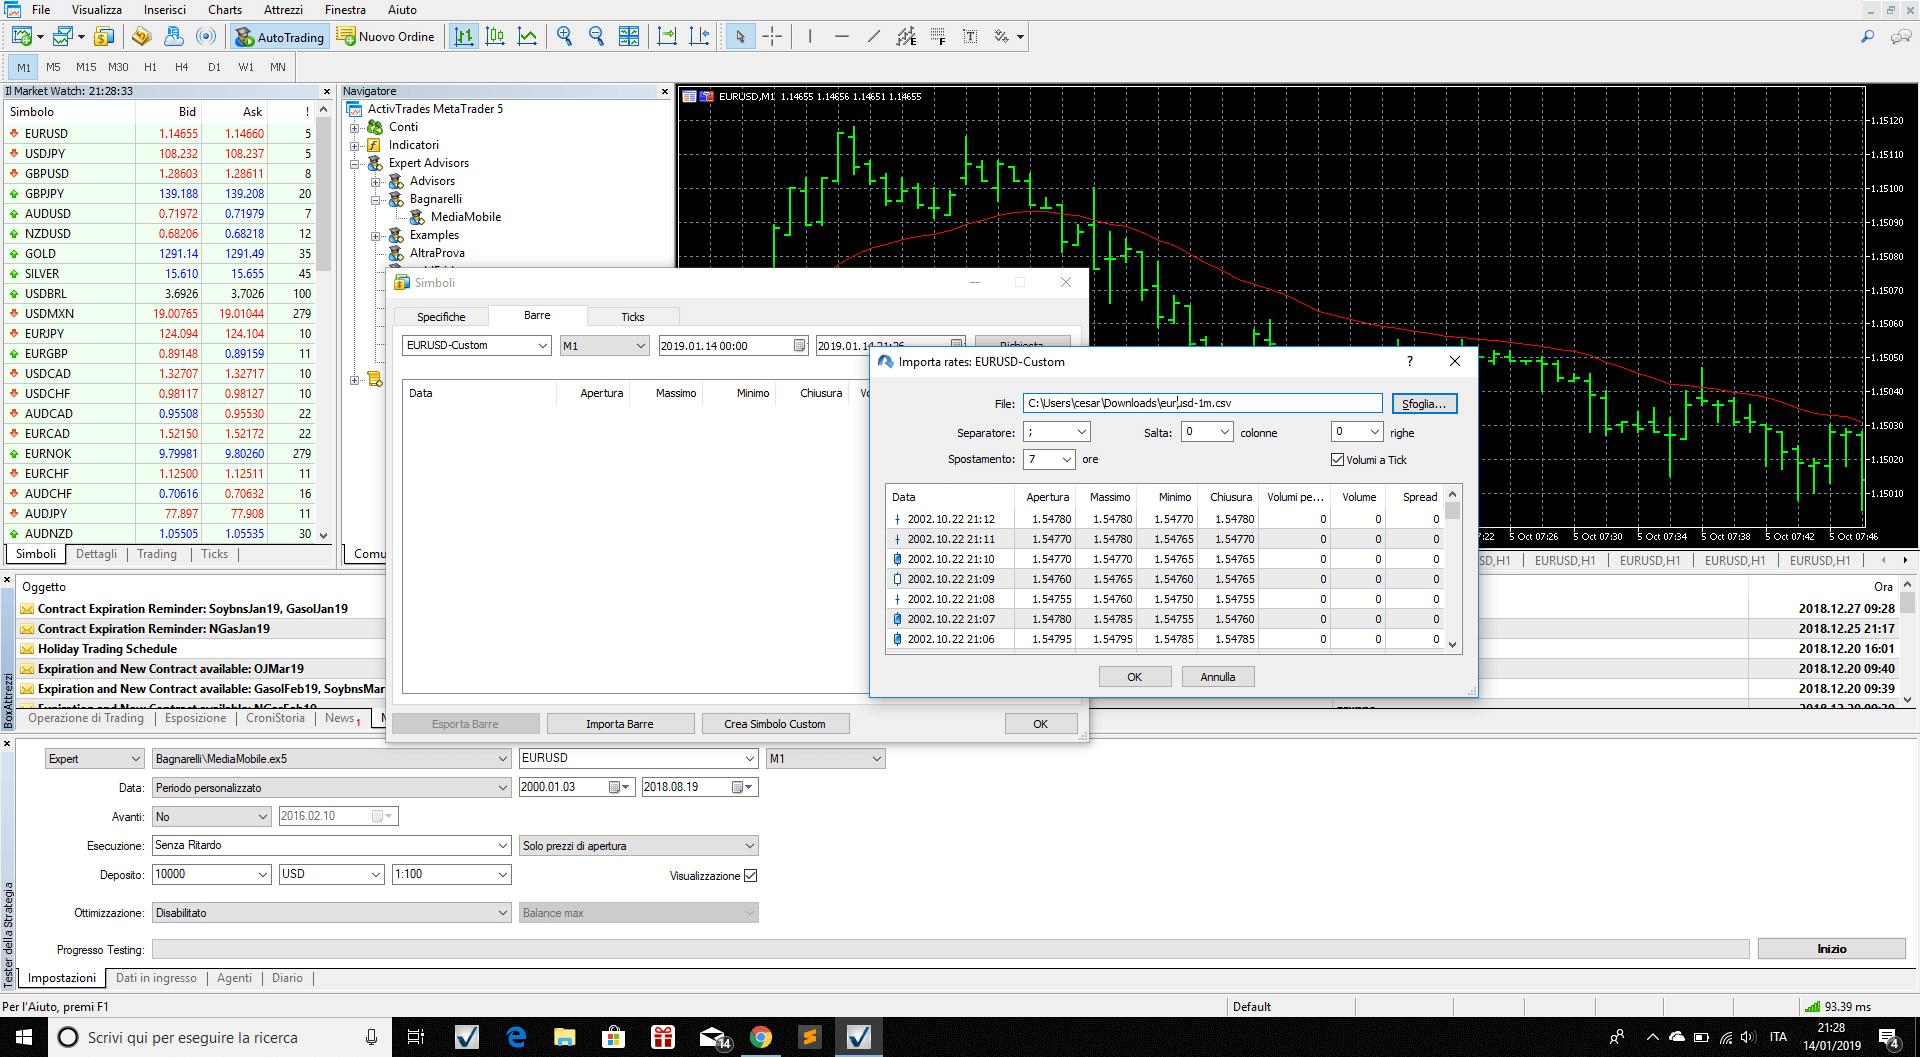 shift data